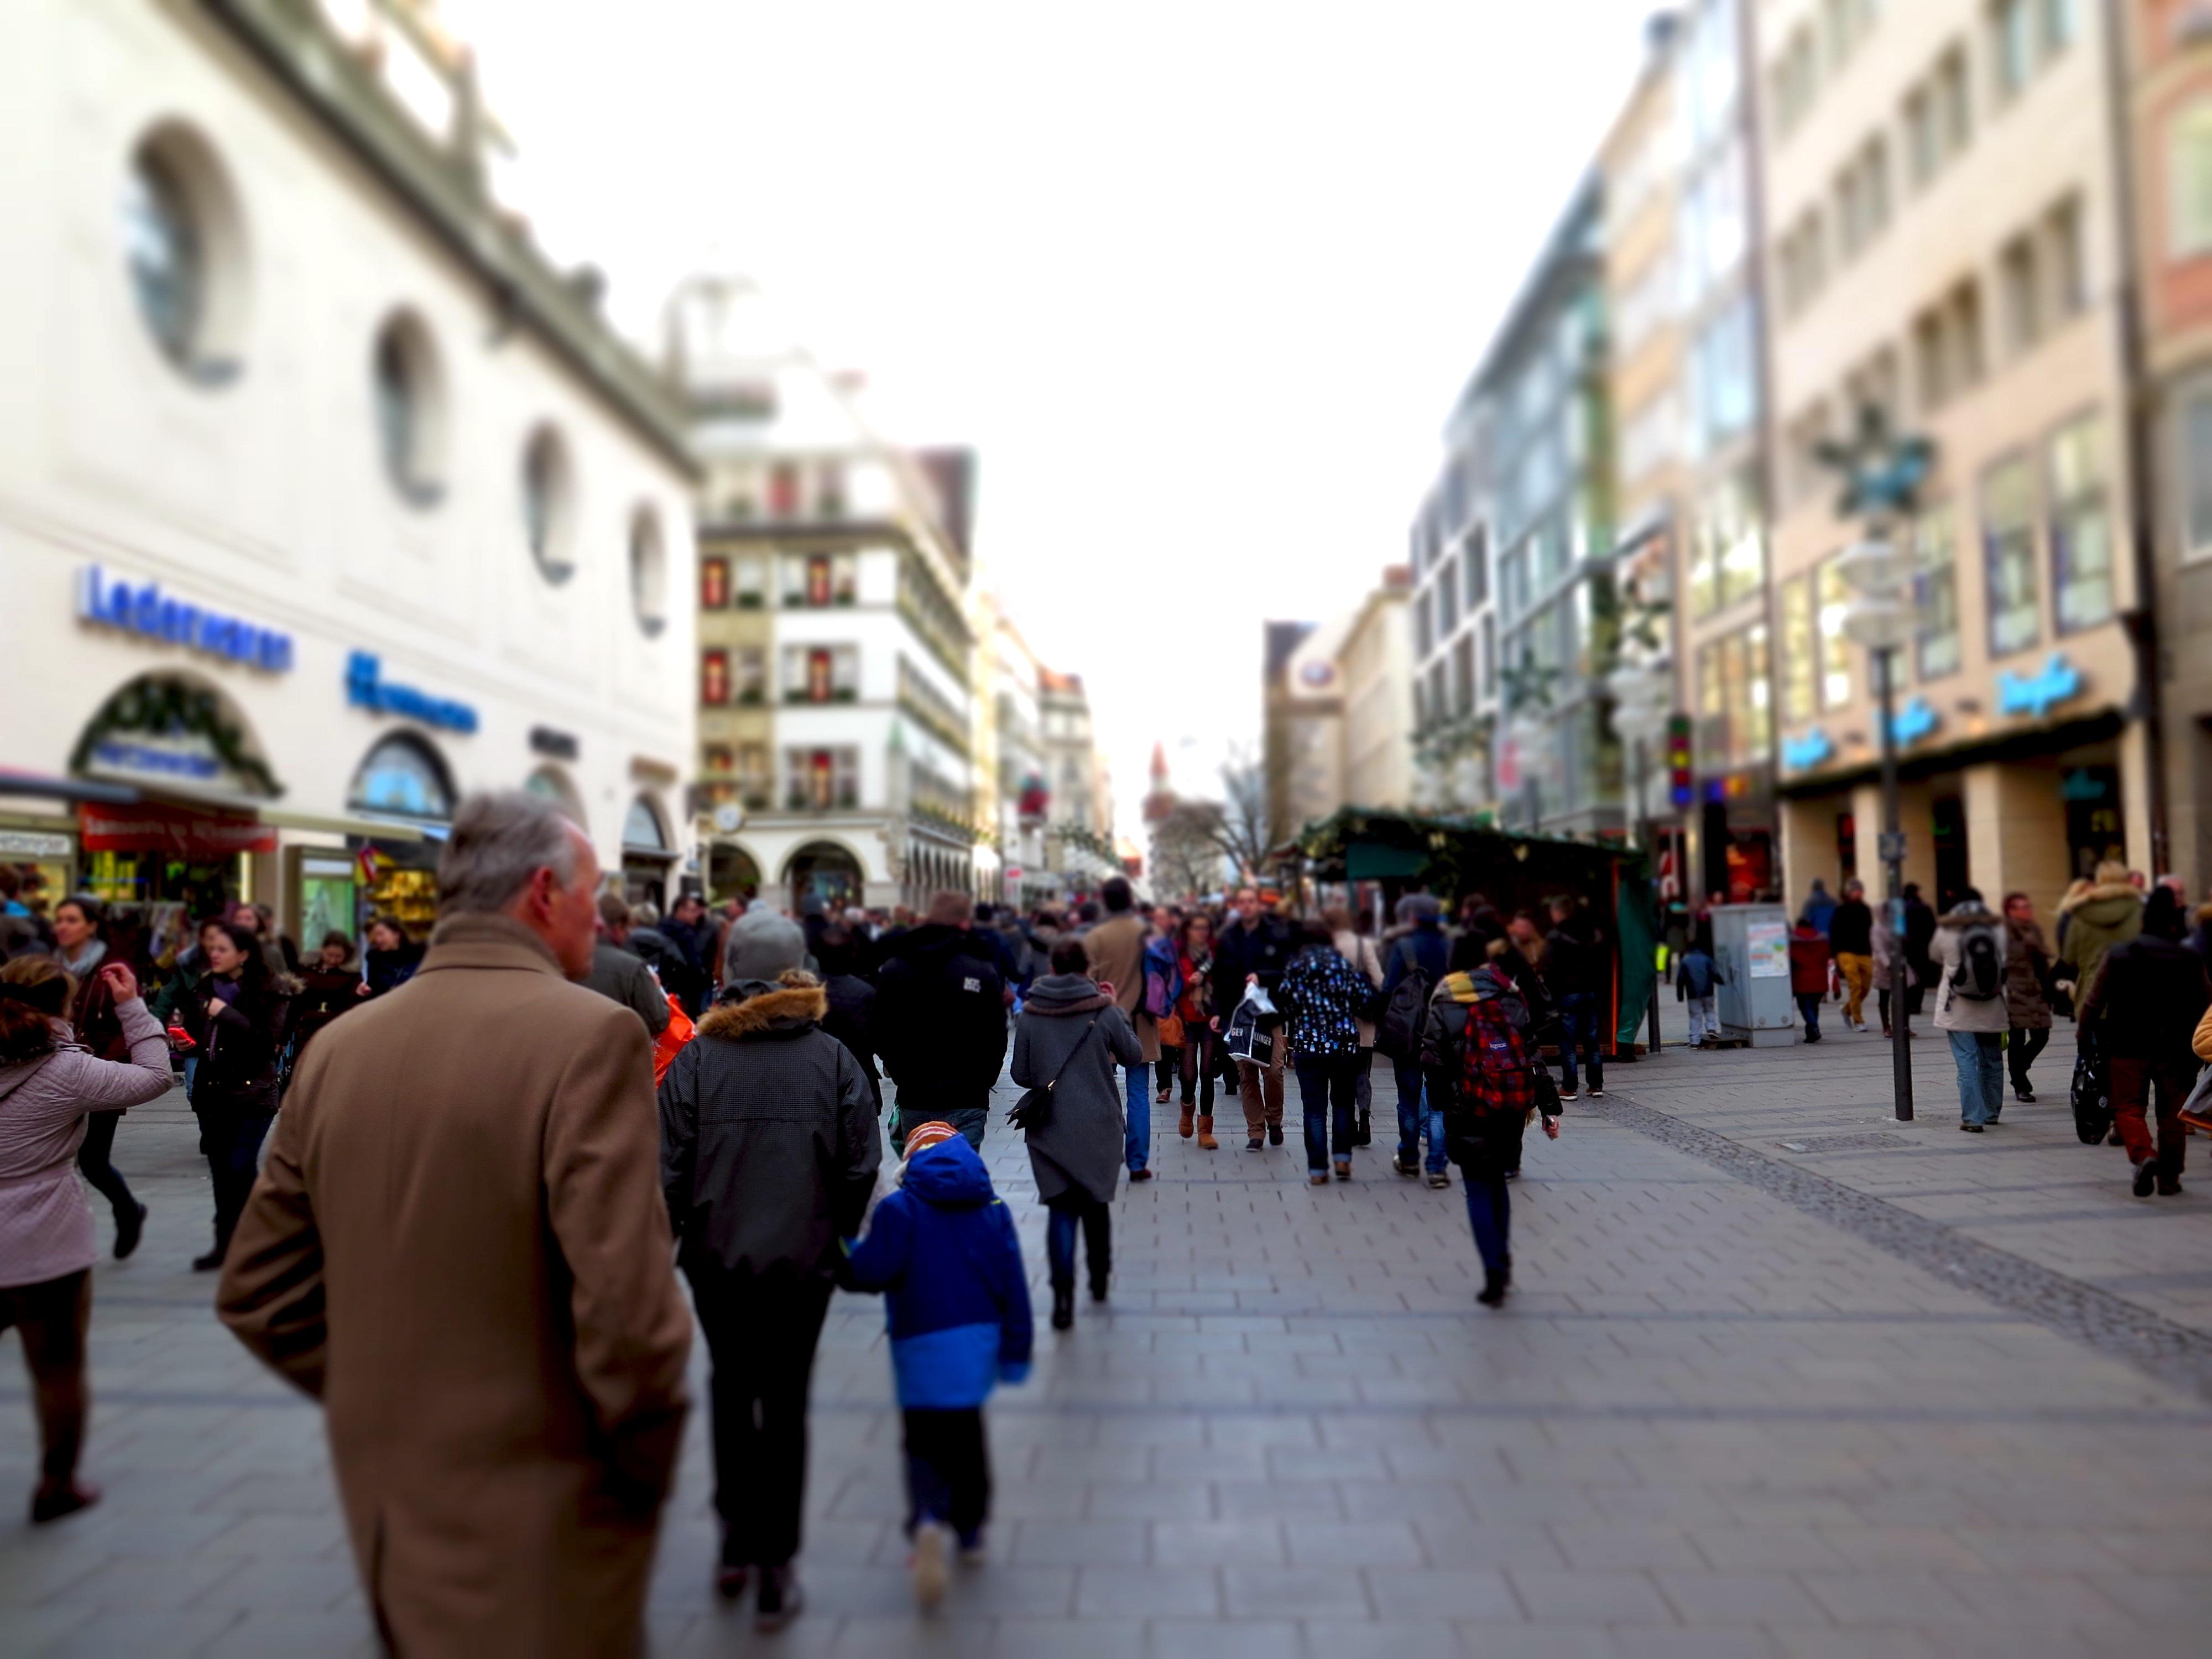 многолюдные улицы картинки настанет голод